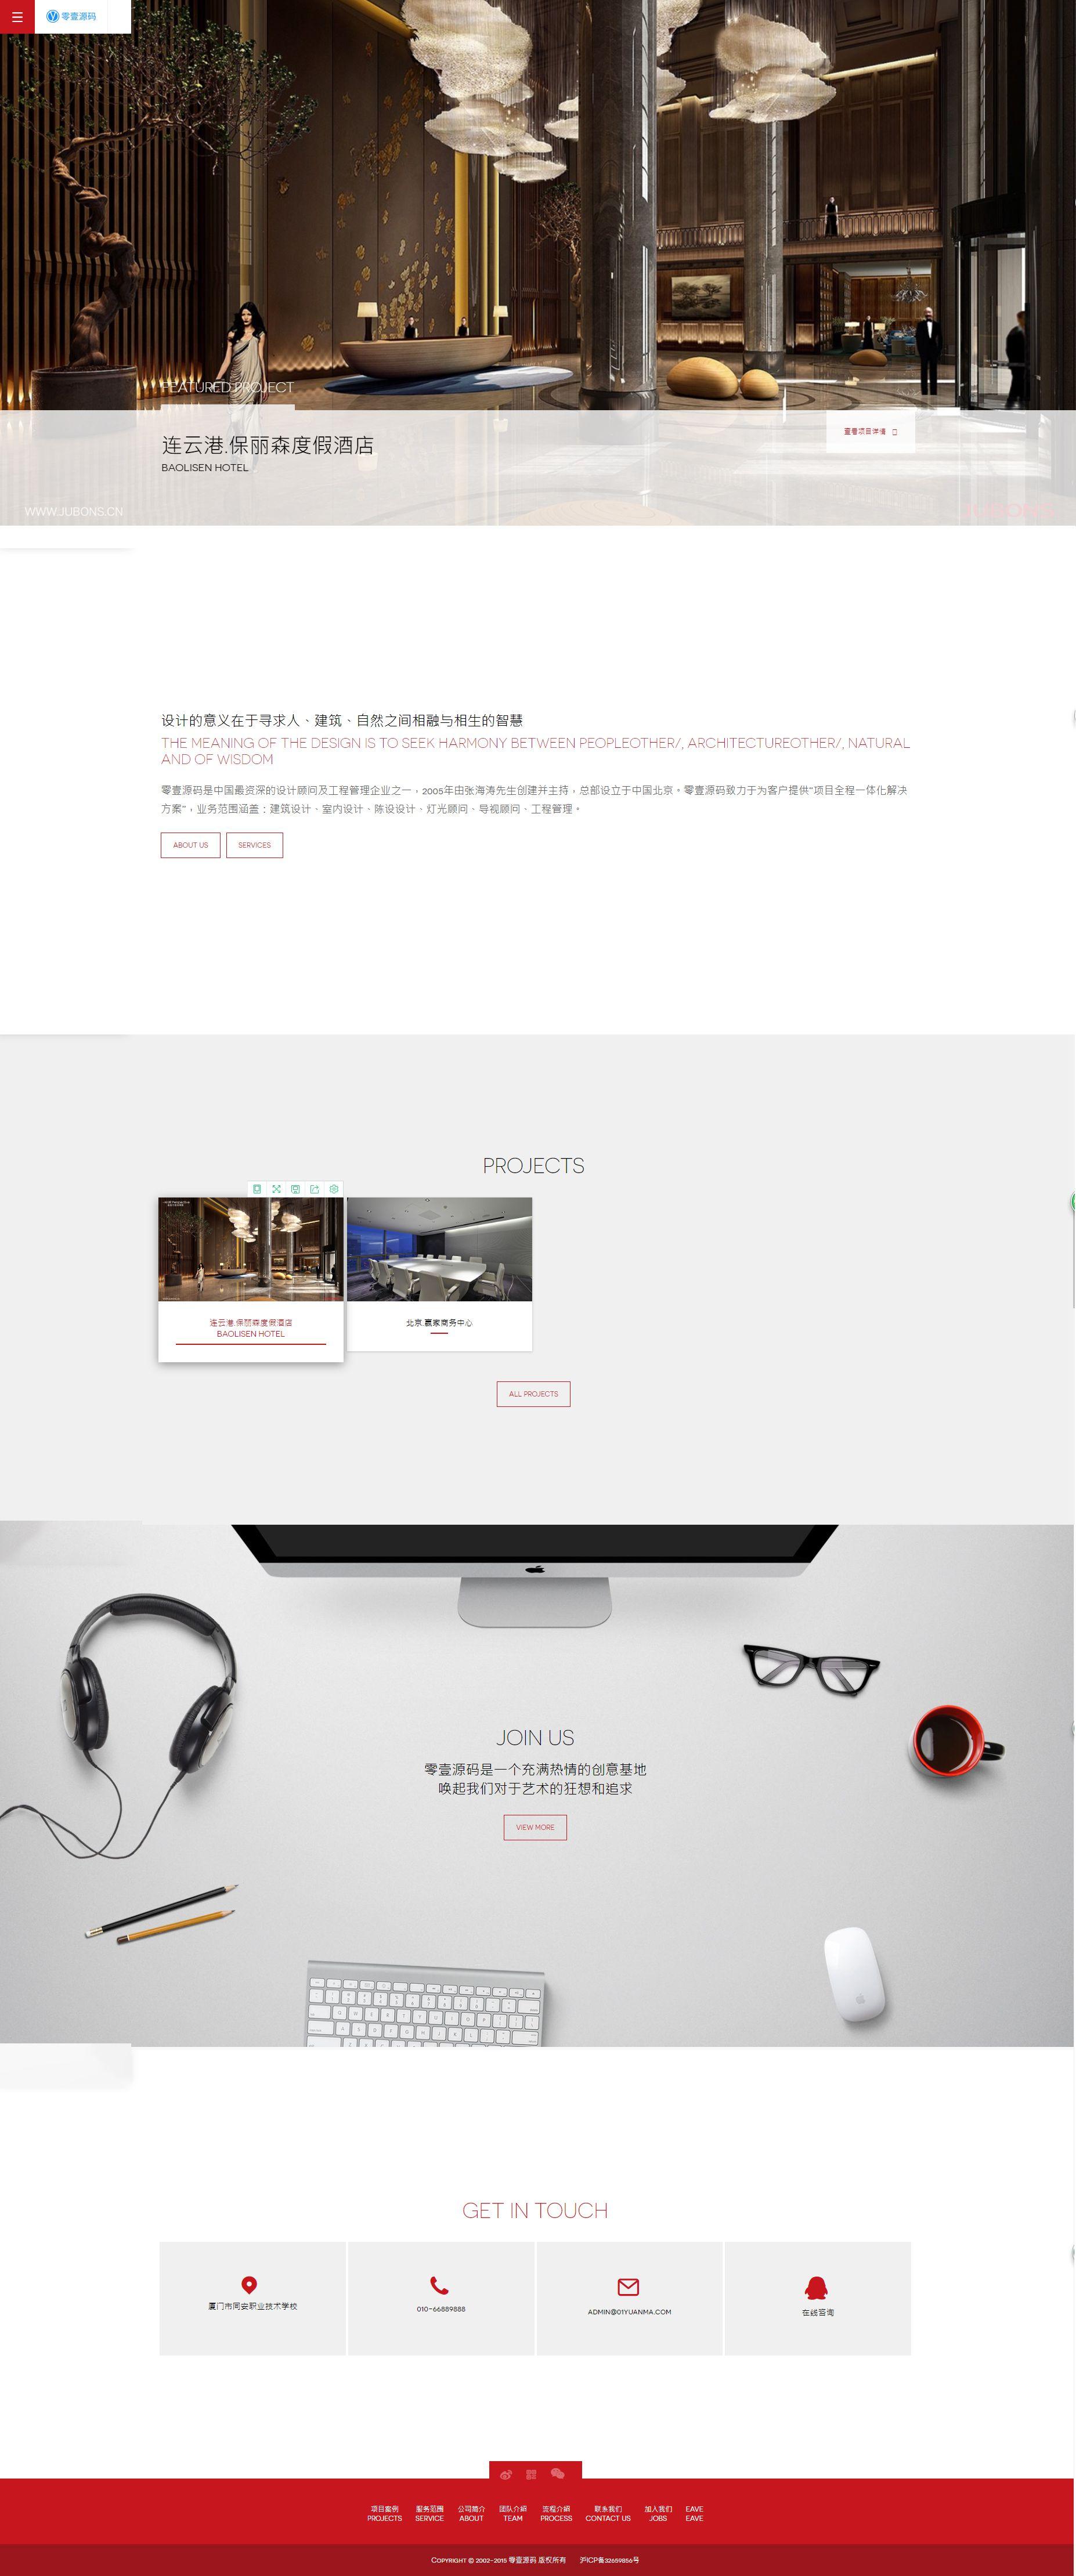 响应式建筑工程设计管理类企业网站织梦dedecms模板